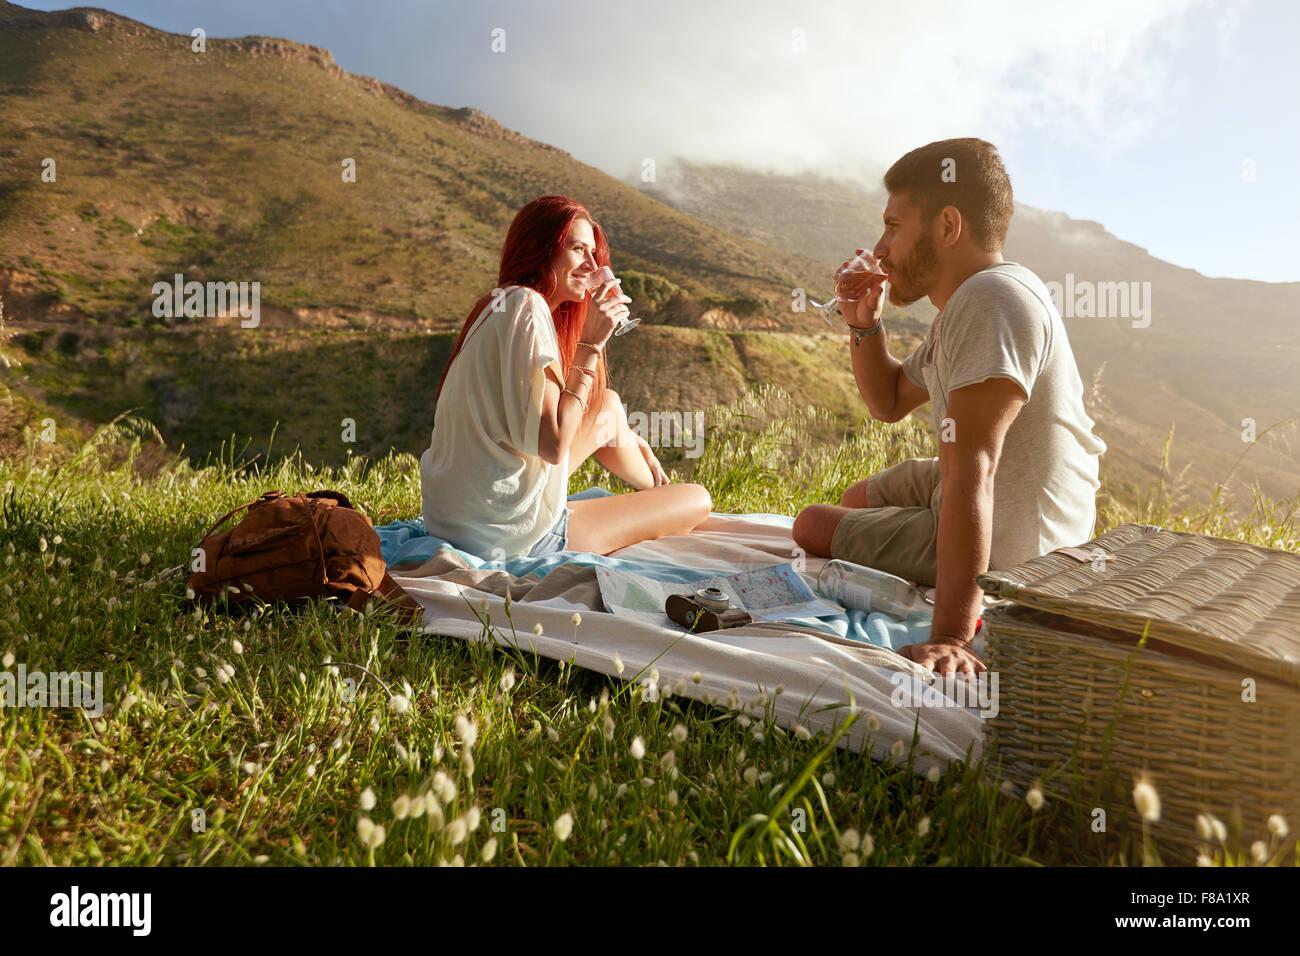 Disparó al aire libre de una pareja joven para beber vino. Hombre y mujer relajada en las vacaciones de verano Imagen De Stock